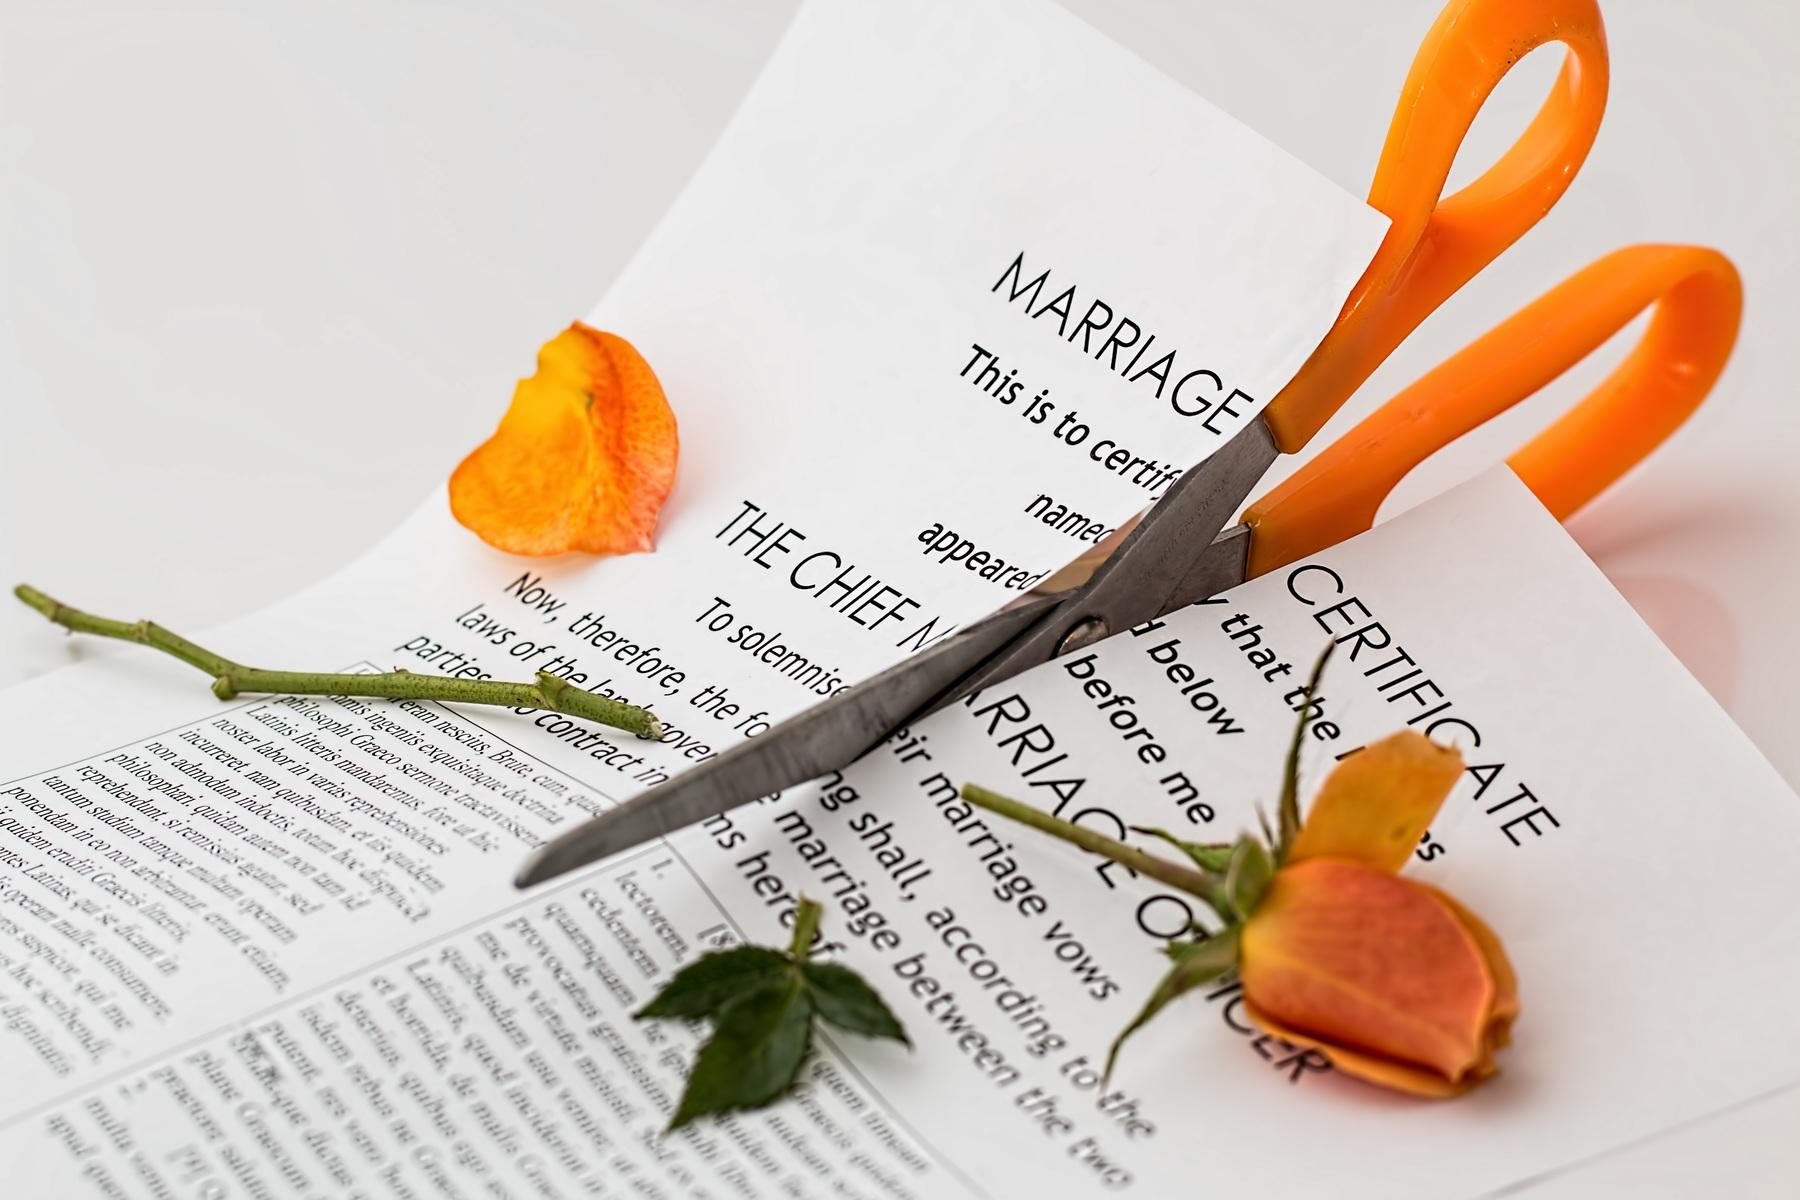 Розлучення: як знову почати радіти життю після складного періоду